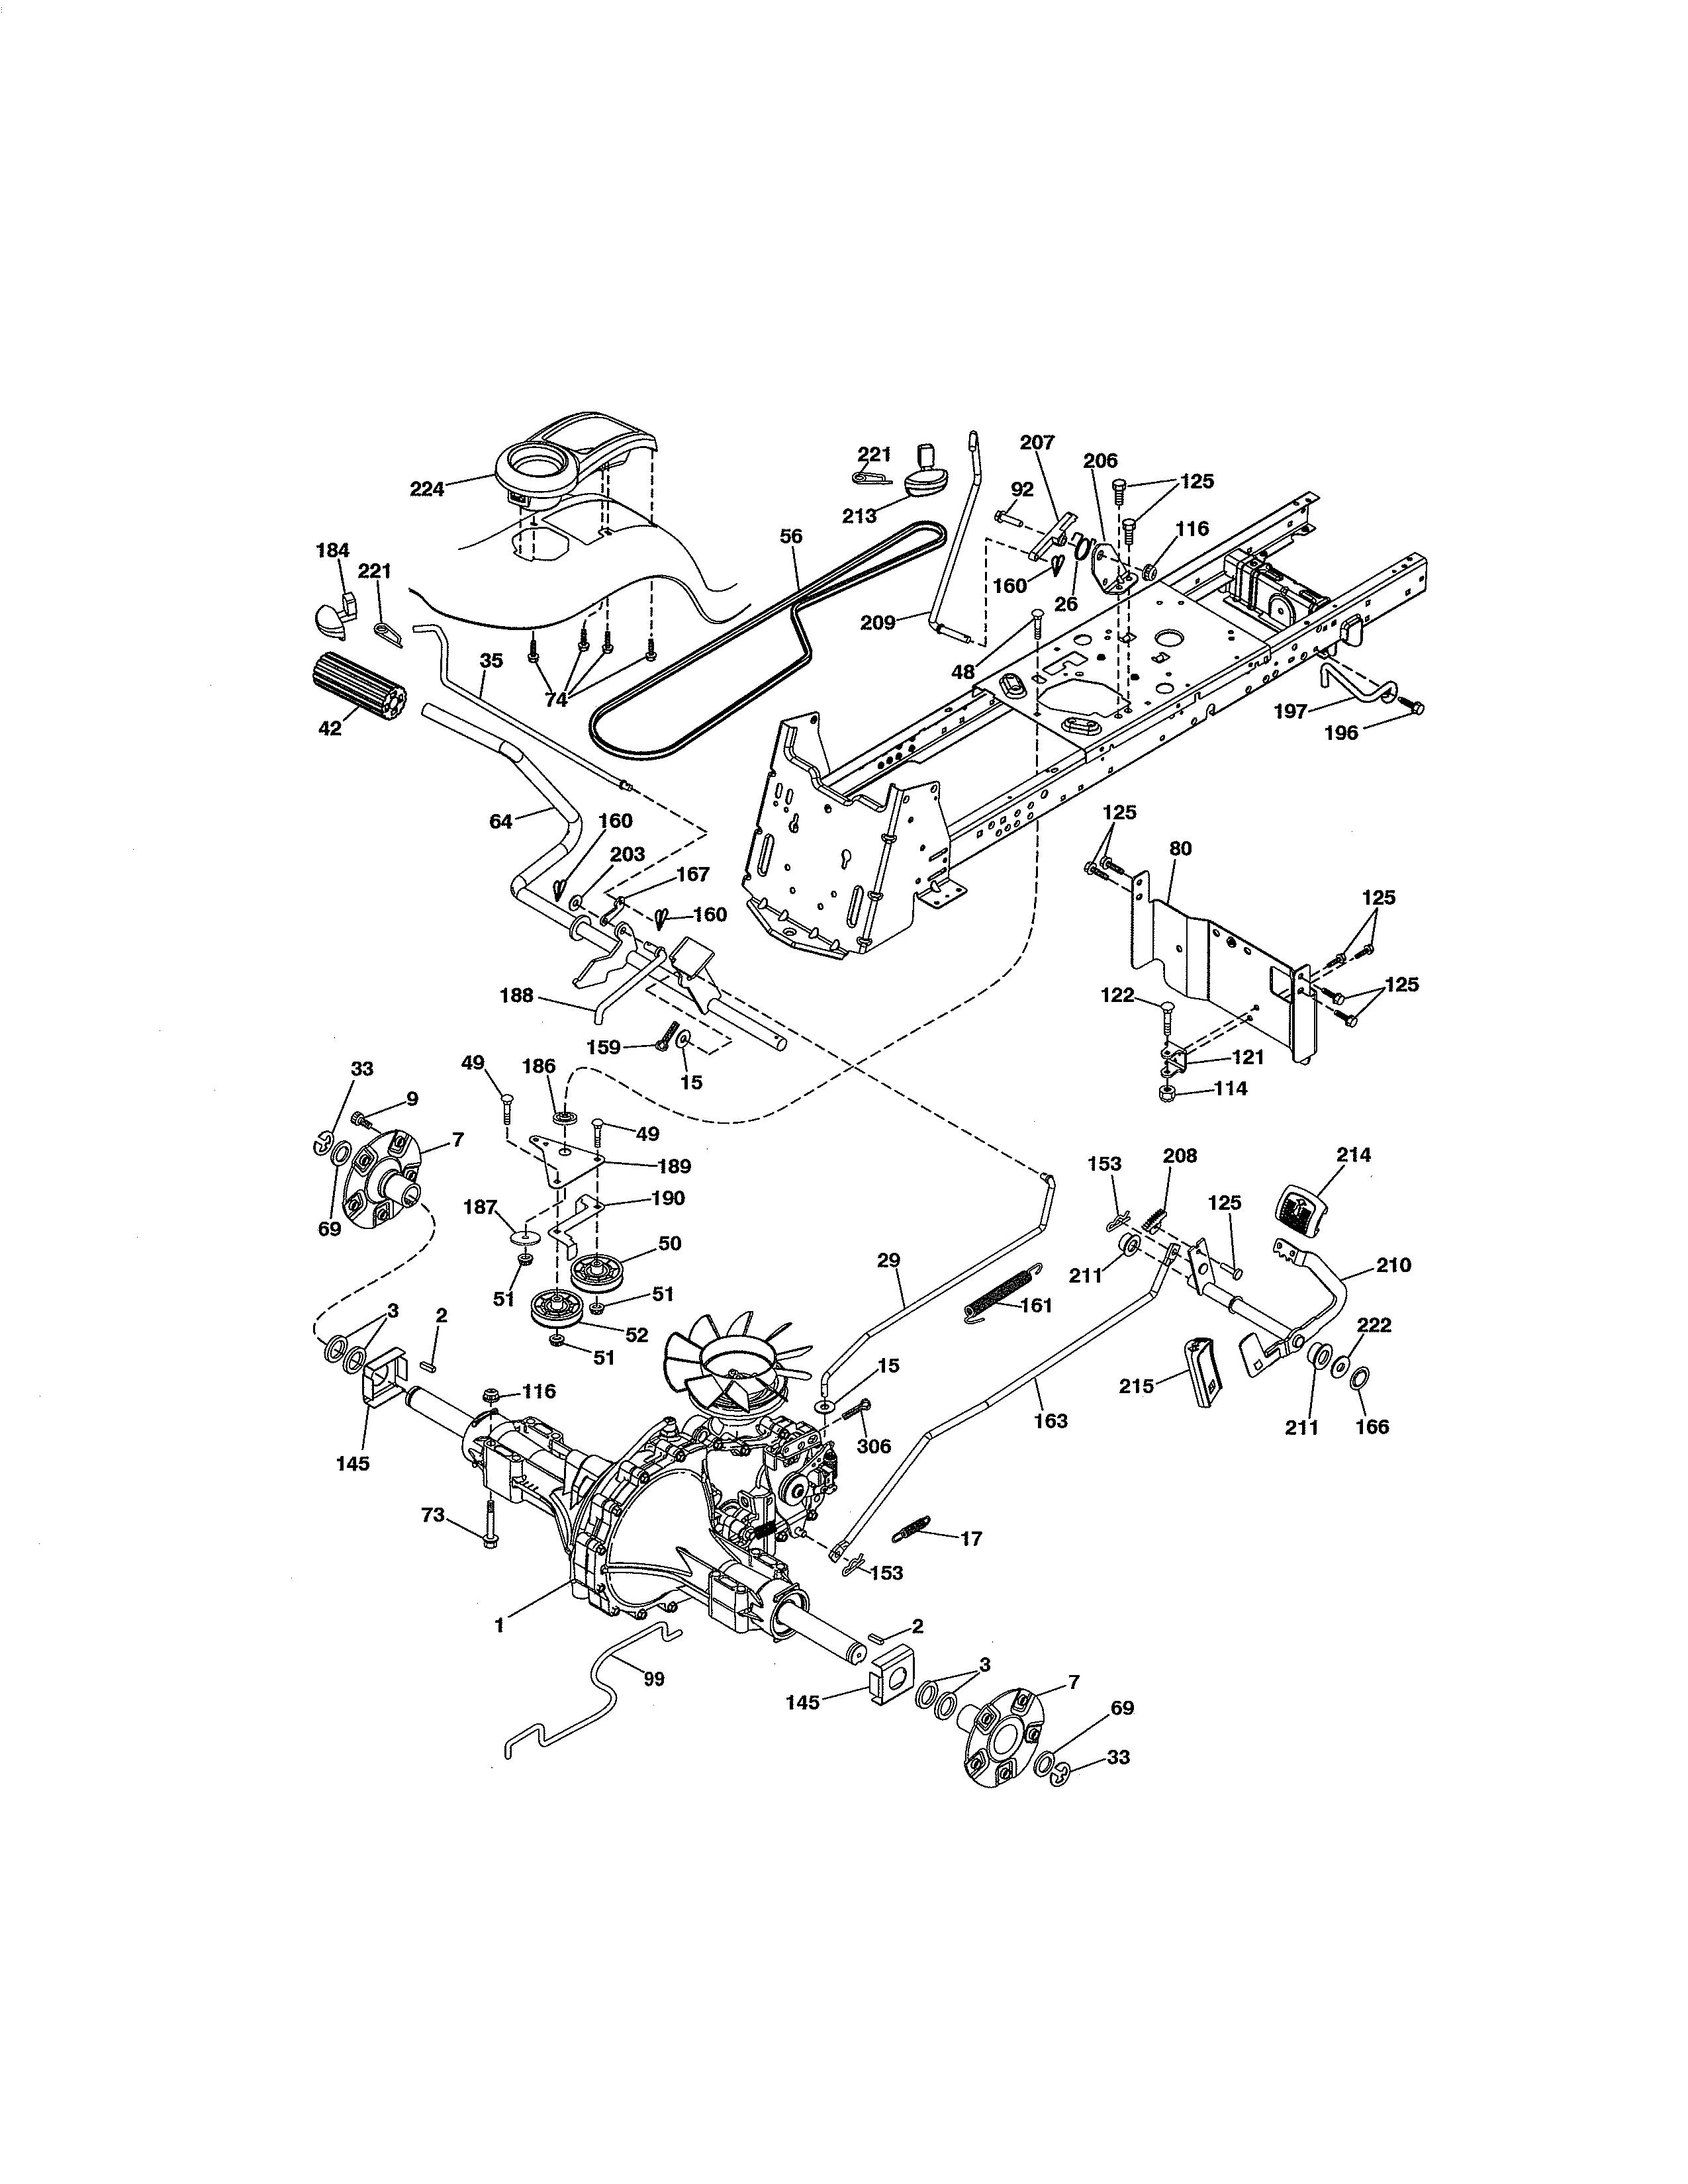 Craftsman model 917288611 lawn, tractor genuine parts